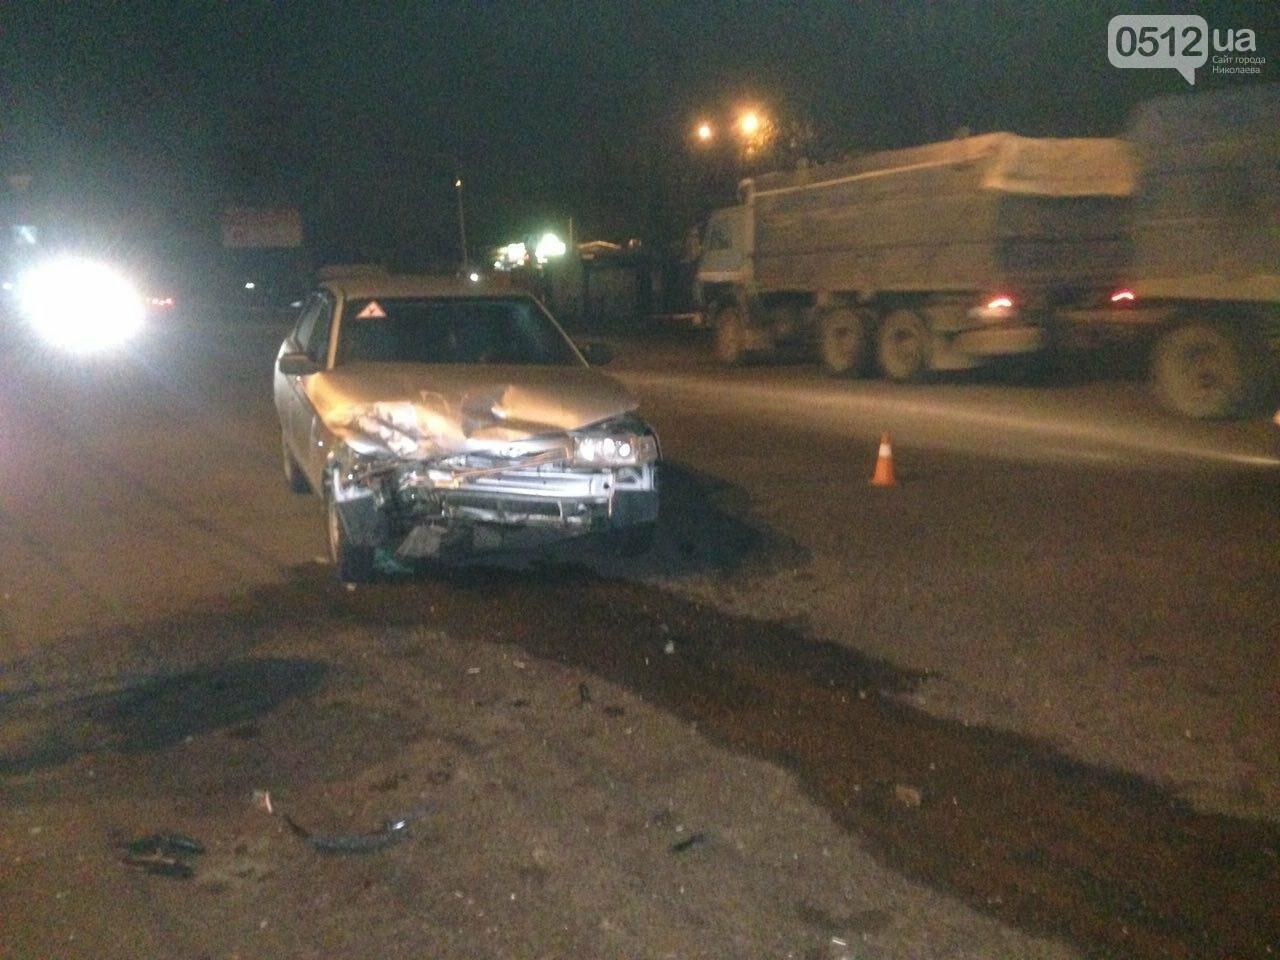 Очередное ДТП в Николаеве:  грузовик не разминулся с автомобилем ВАЗ 2110 (ФОТО), фото-5